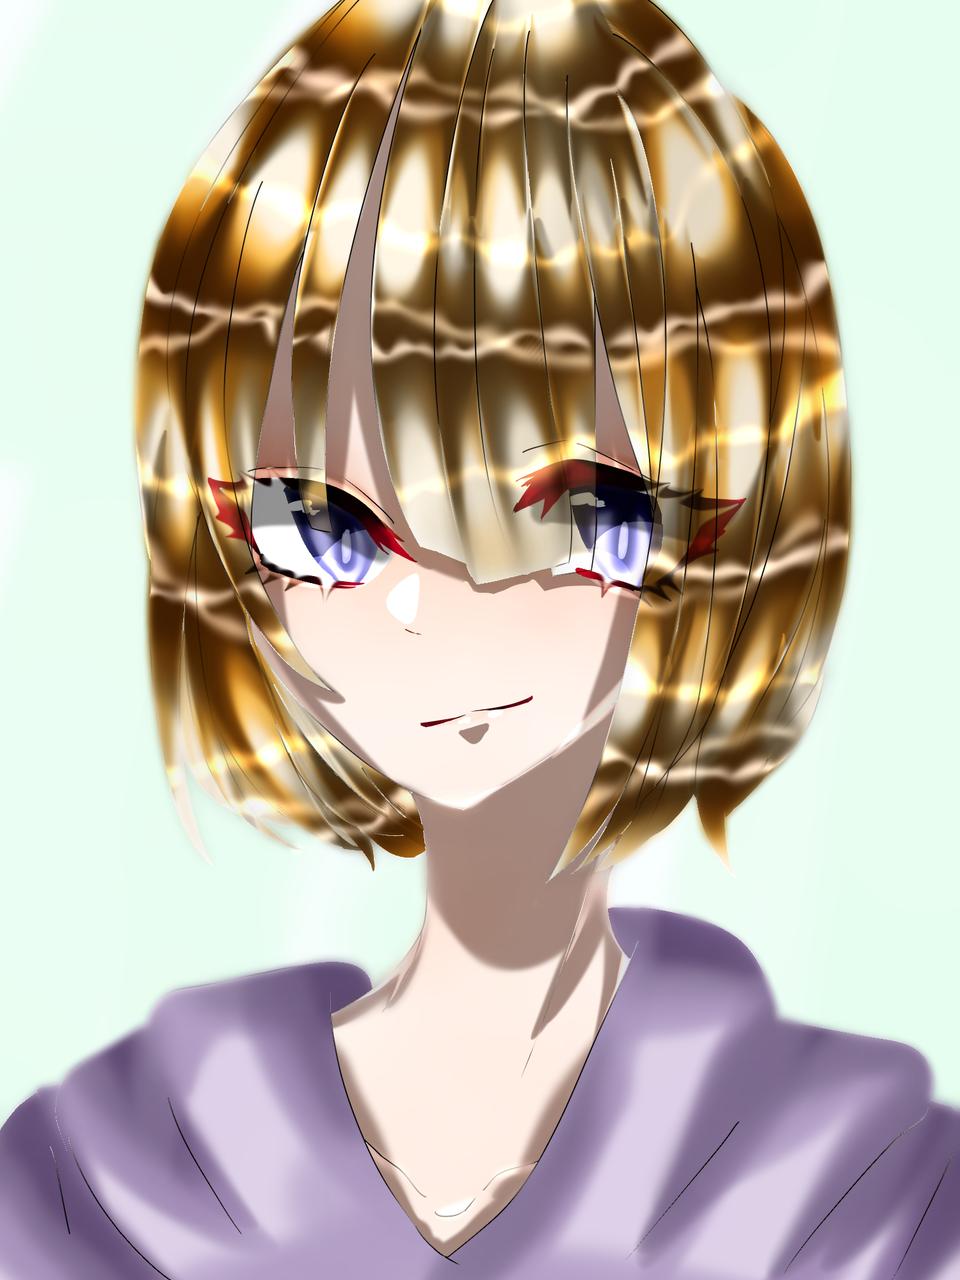 金髪君もの Illust of 如月来蕾≮TRPG≯ medibangpaint hoodie boy blonde oc